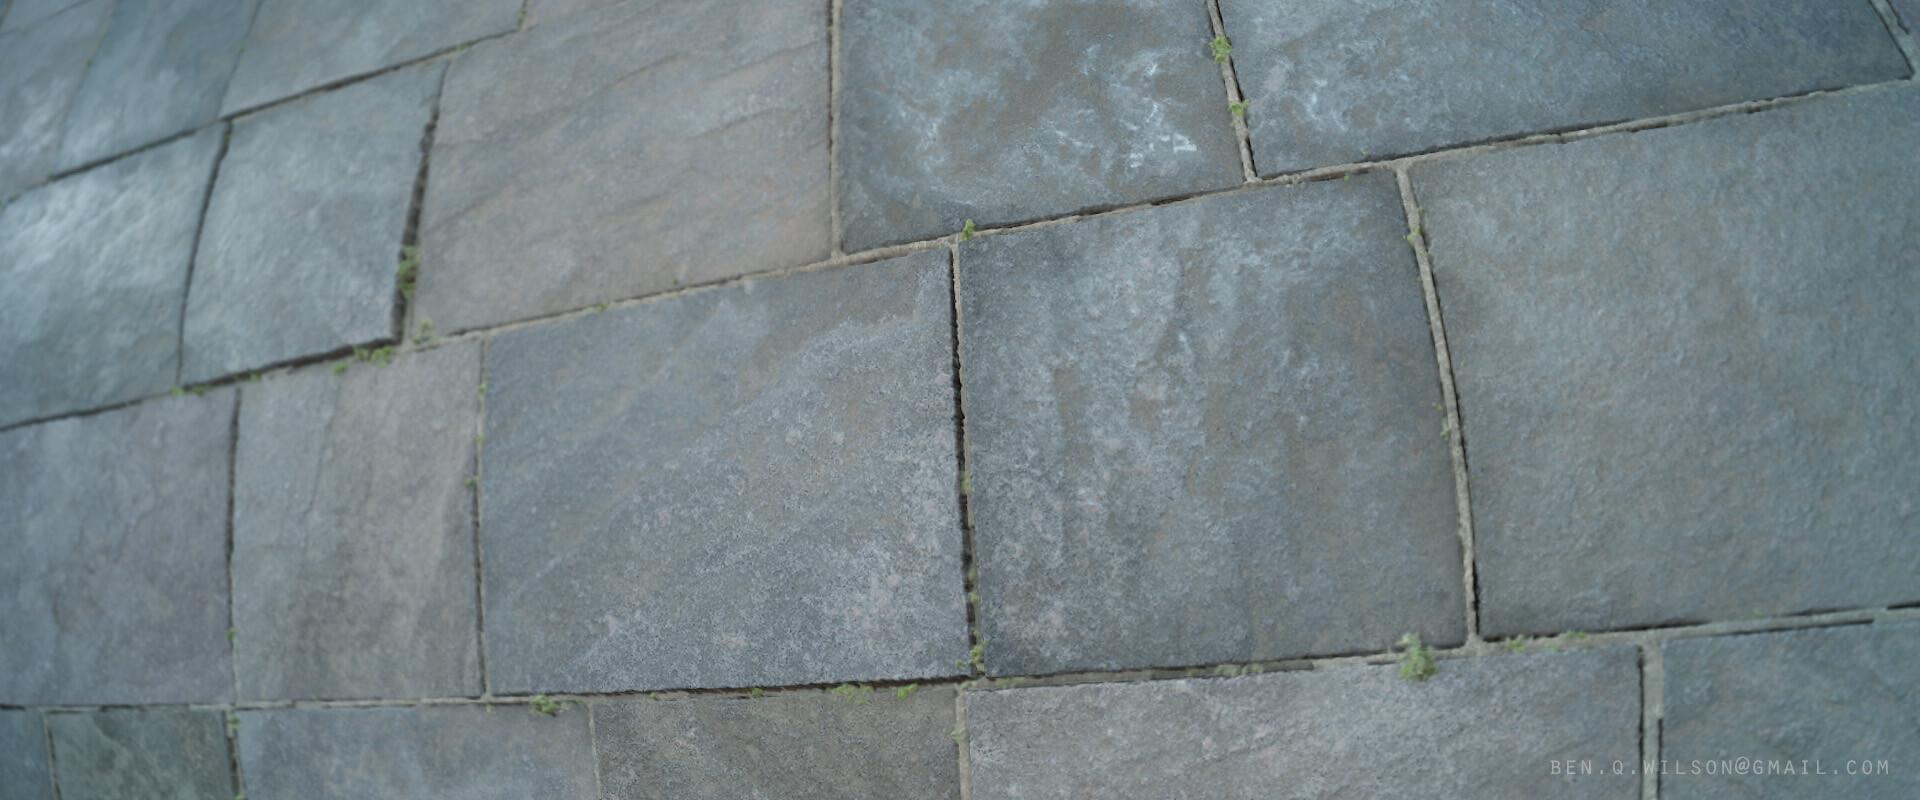 Ben wilson slate stone floor render 2 2